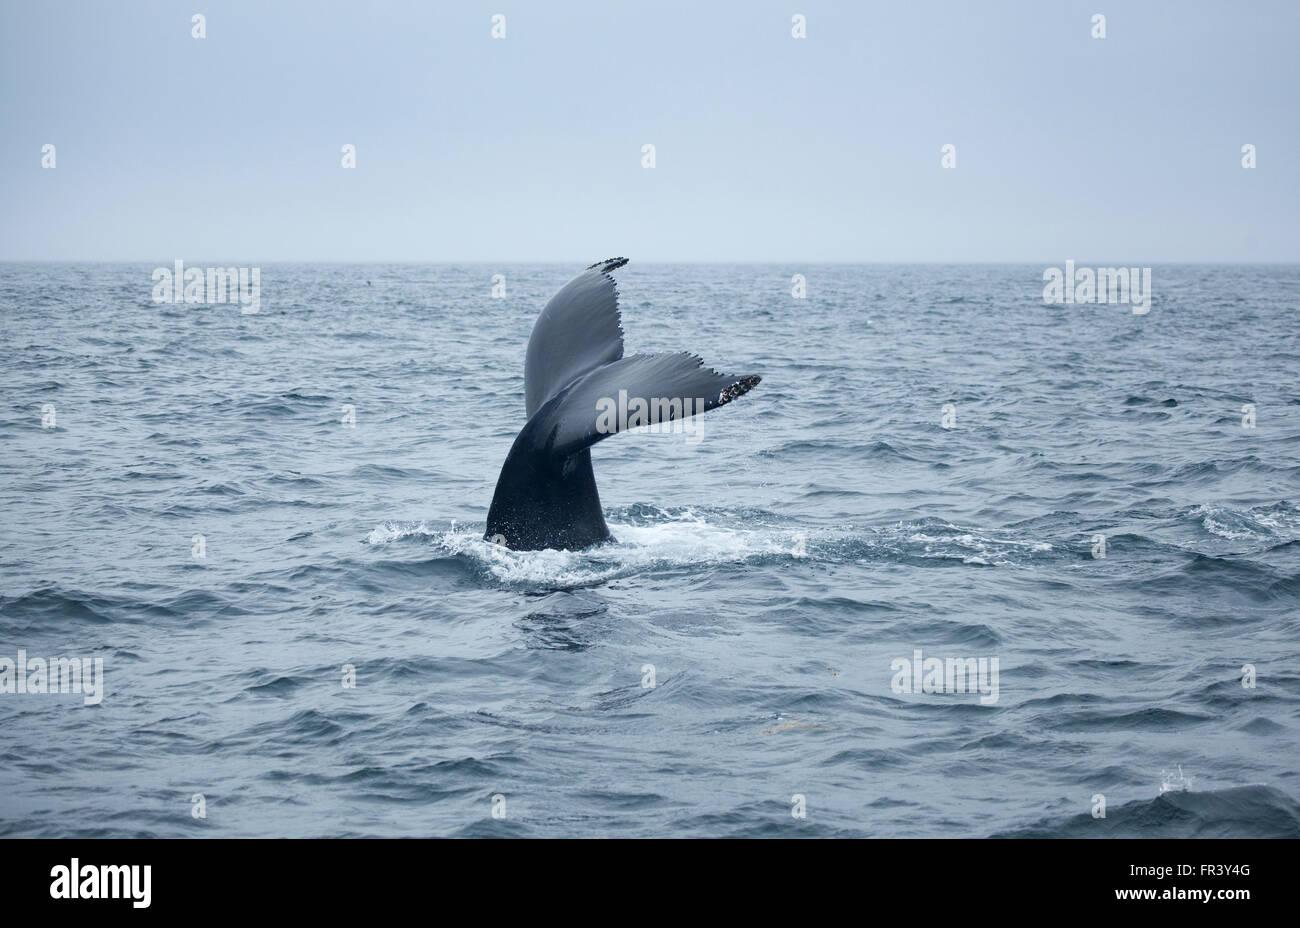 Humpback Whale tail océan baie des baleines de la mer de la faune marine mammal observation de la nature de Photo Stock